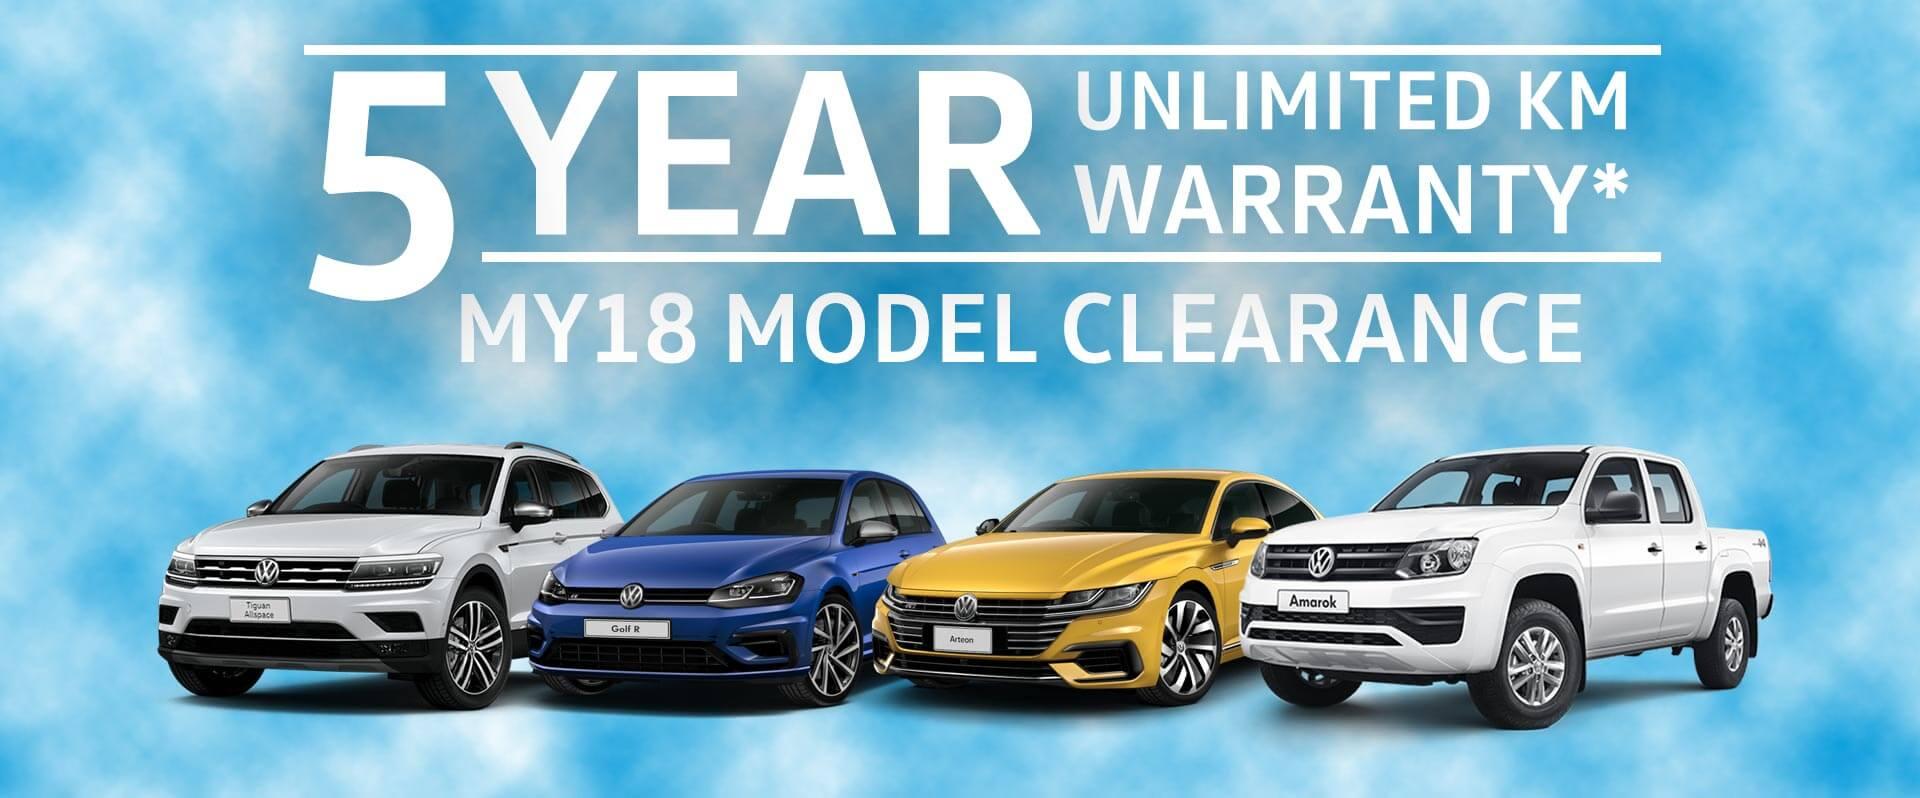 Volkswagen Factory Offers